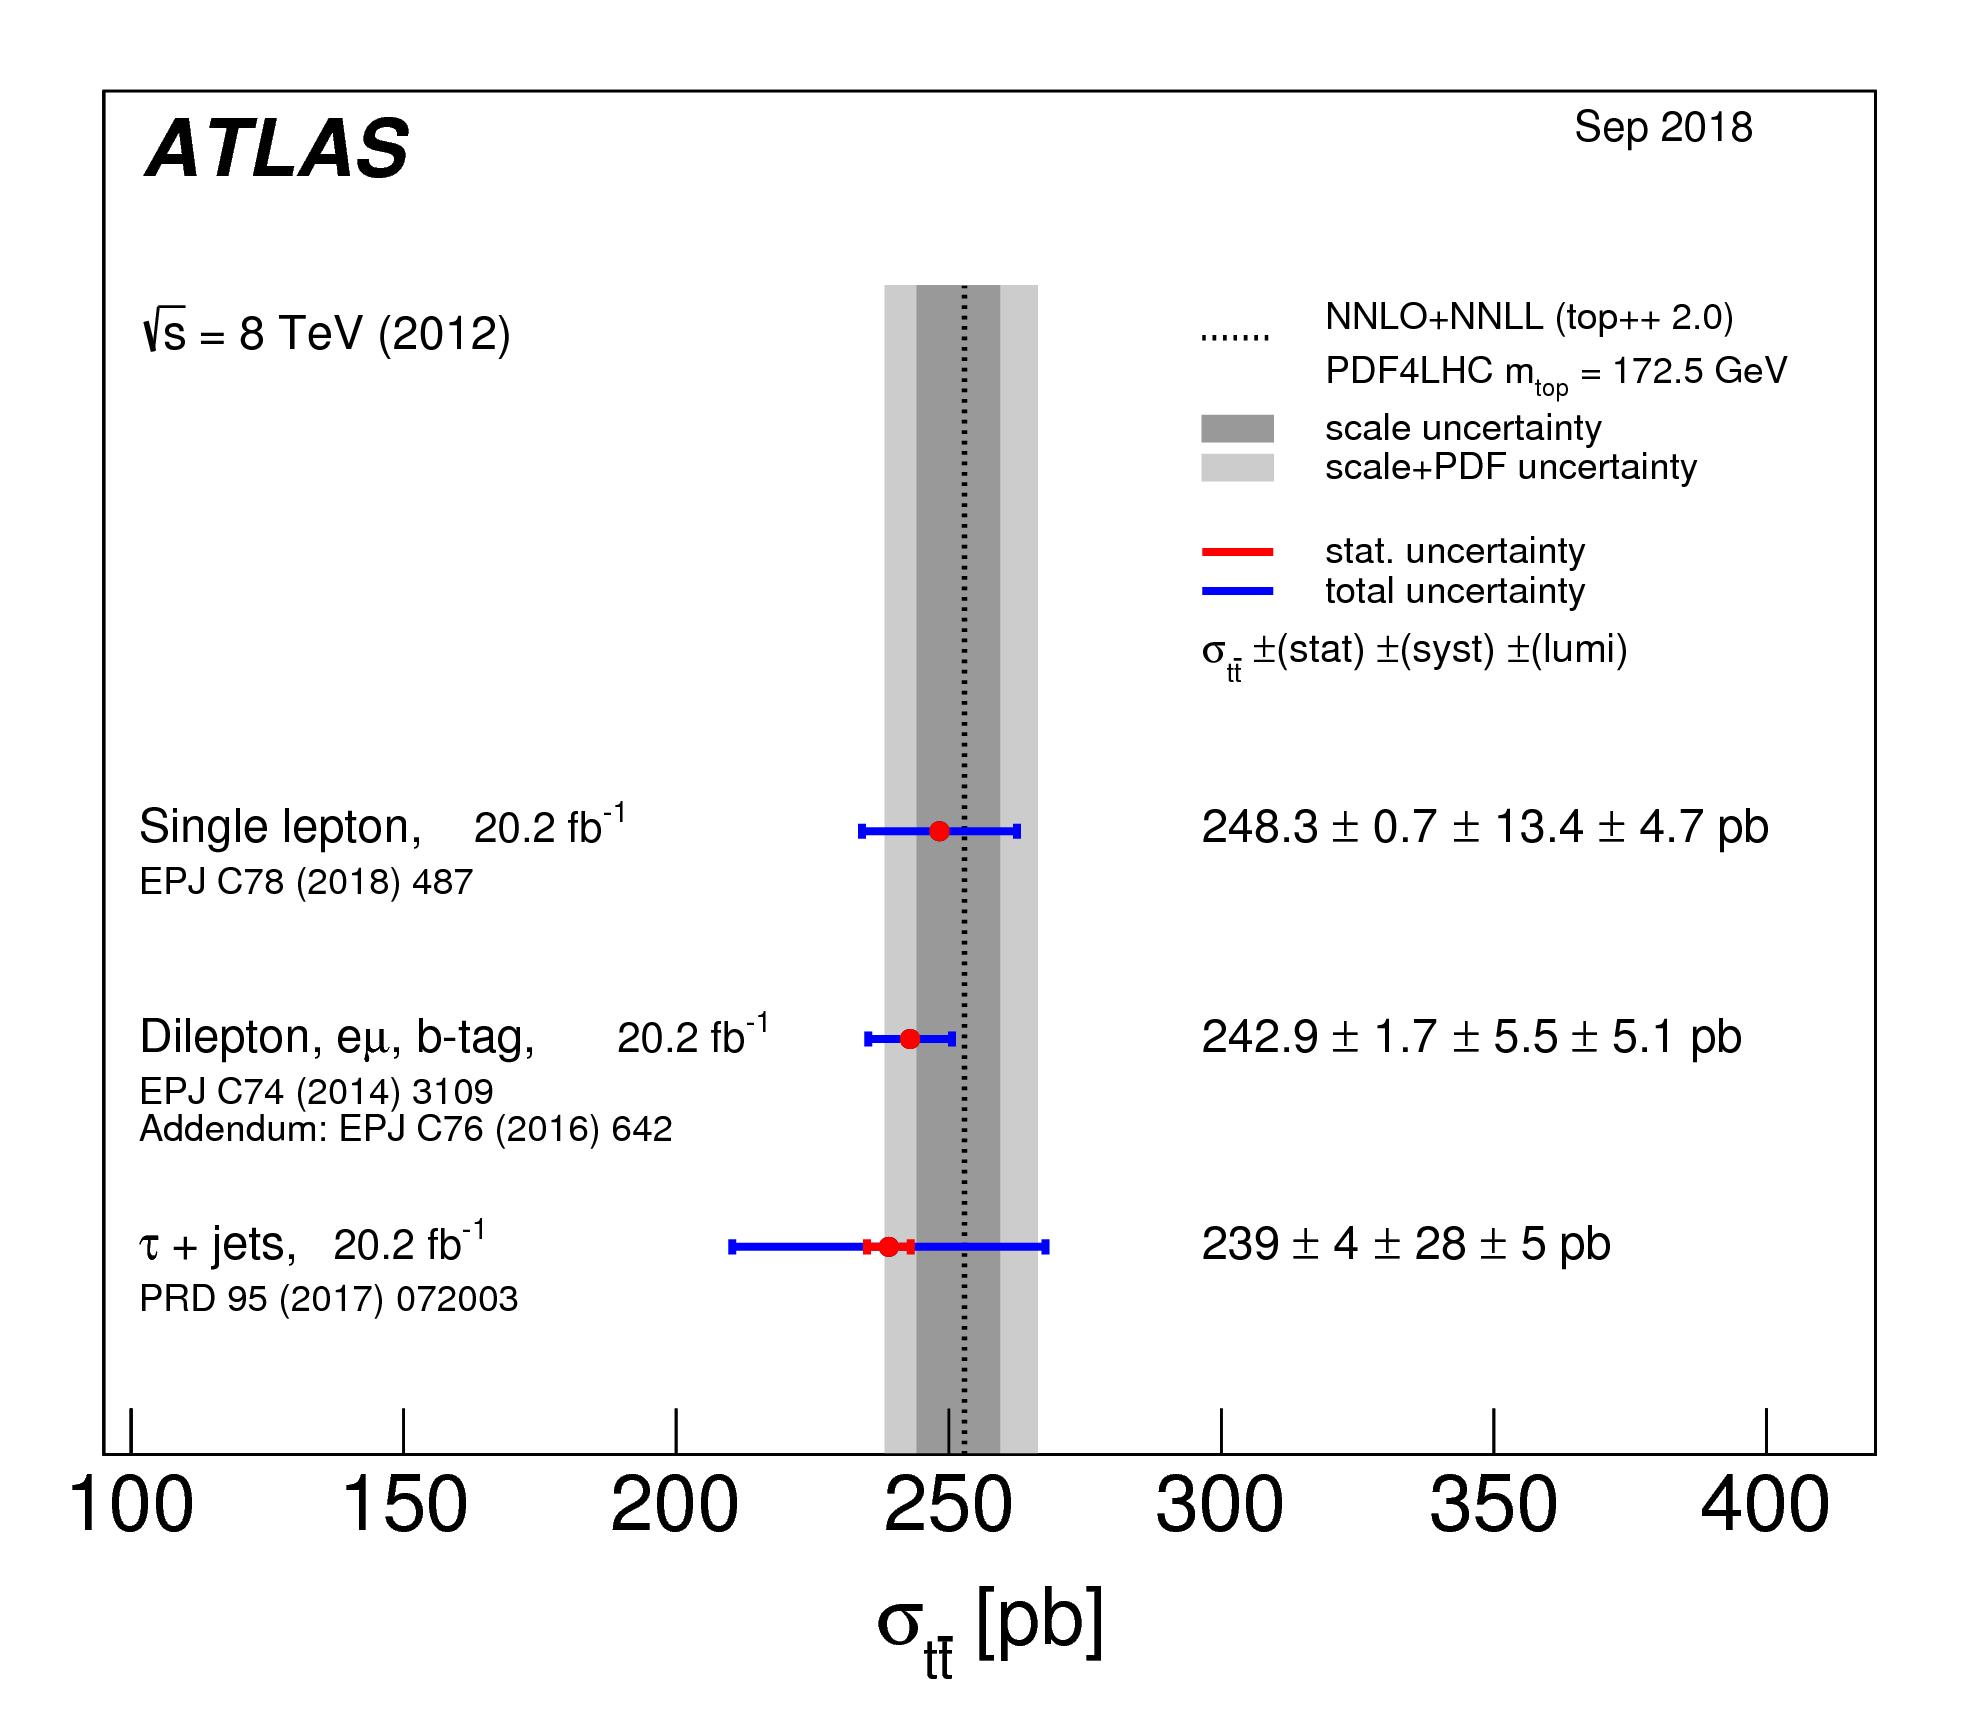 https://atlas.web.cern.ch/Atlas/GROUPS/PHYSICS/CombinedSummaryPlots/TOP/tt_xsec_8TeV_ATLASonly/tt_xsec_8TeV_ATLASonly.png